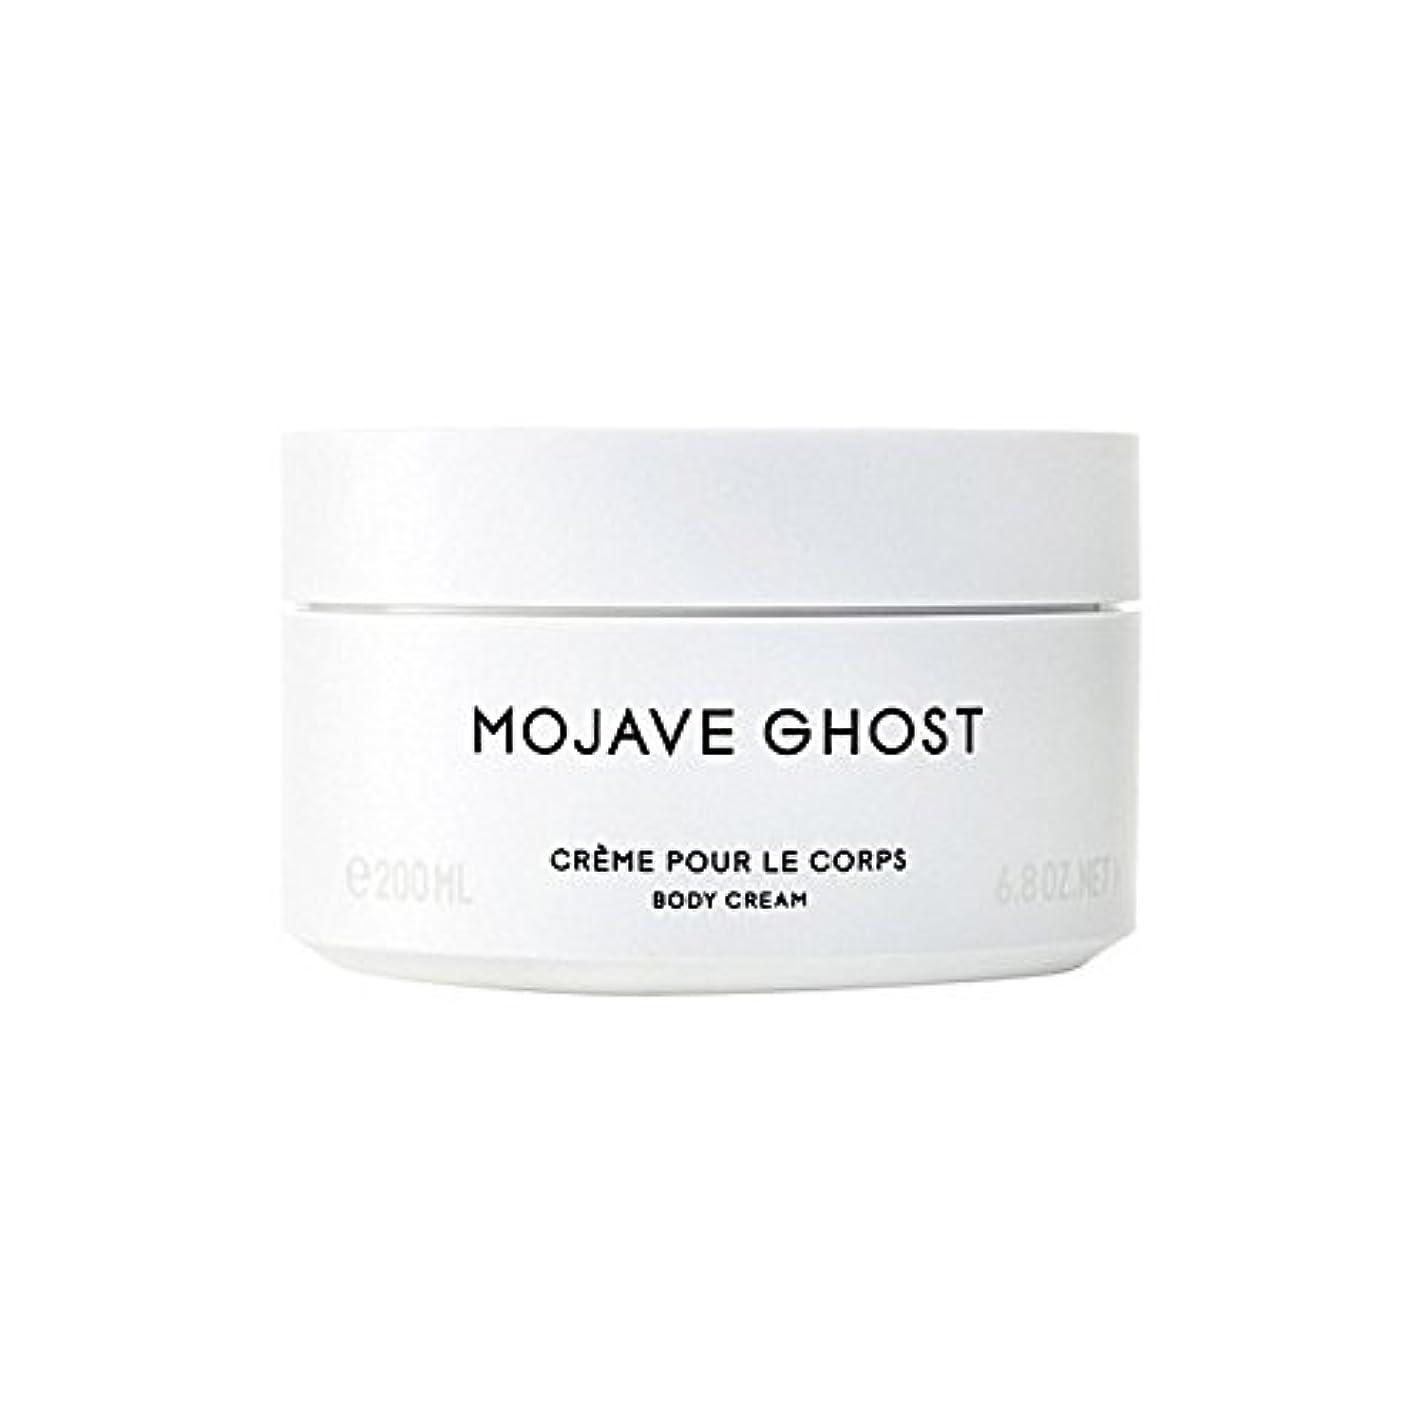 歩行者フェローシップ示すモハーベゴーストボディクリーム200ミリリットル x2 - Byredo Mojave Ghost Body Cream 200ml (Pack of 2) [並行輸入品]